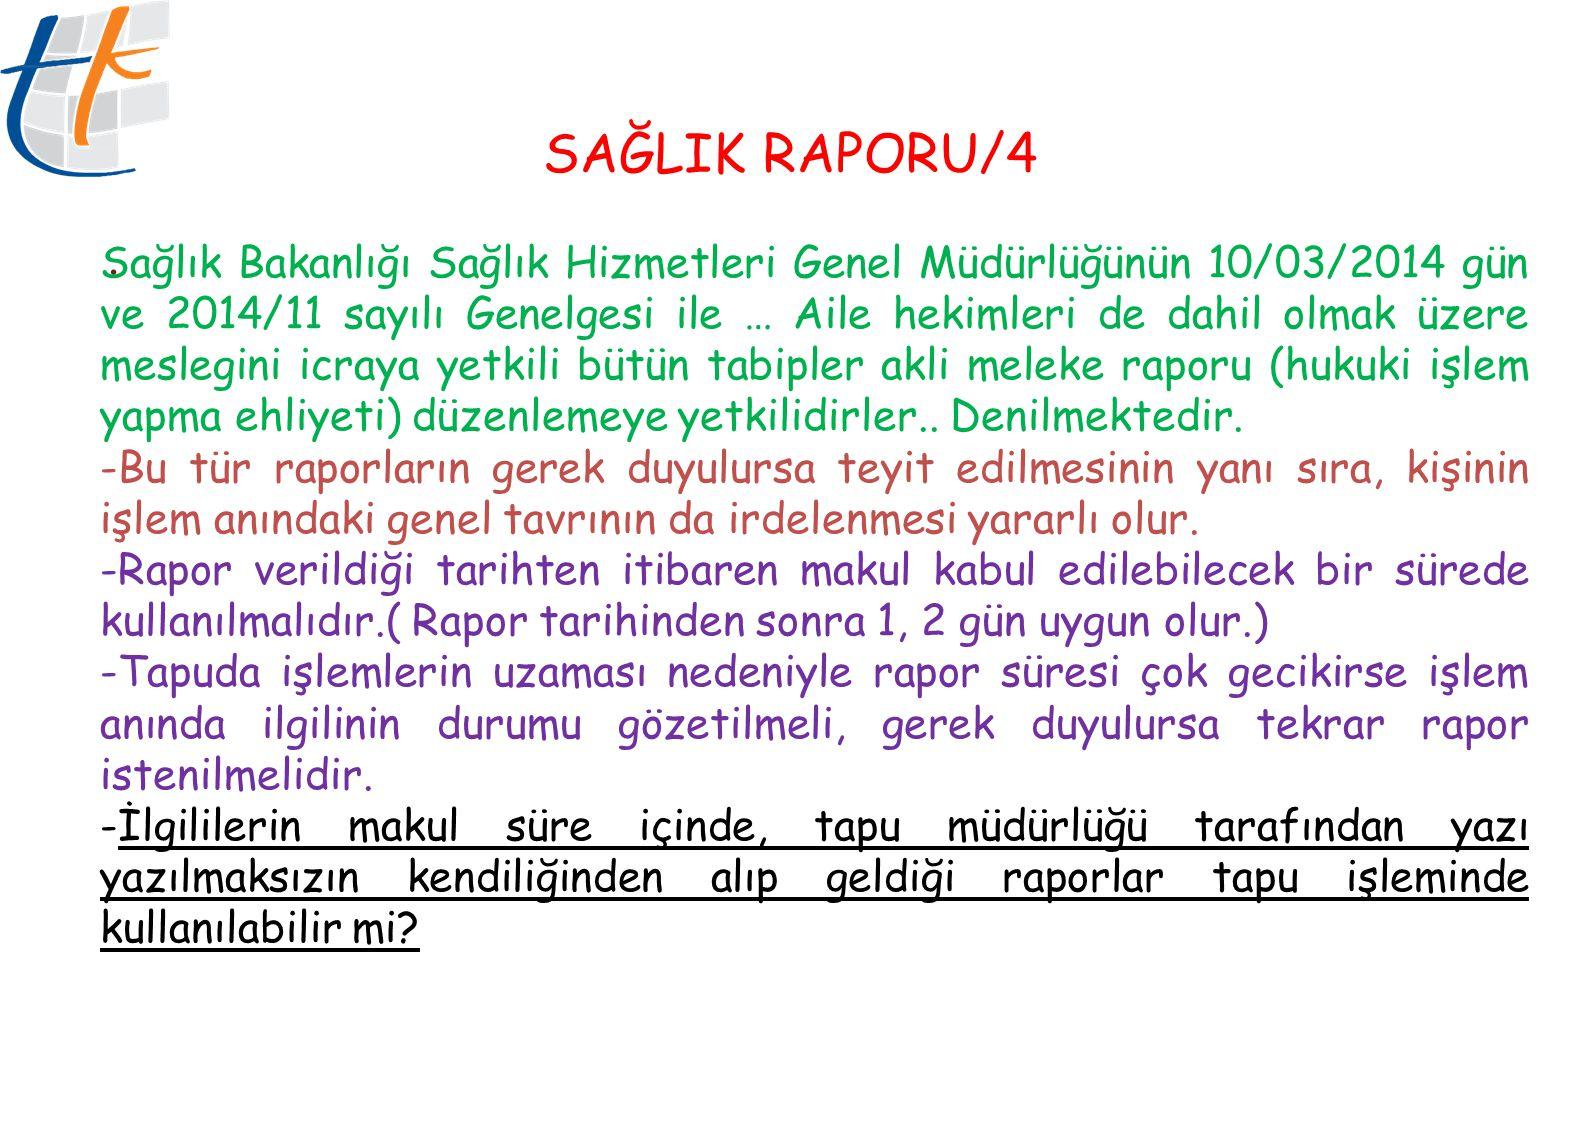 SAĞLIK RAPORU/4 .